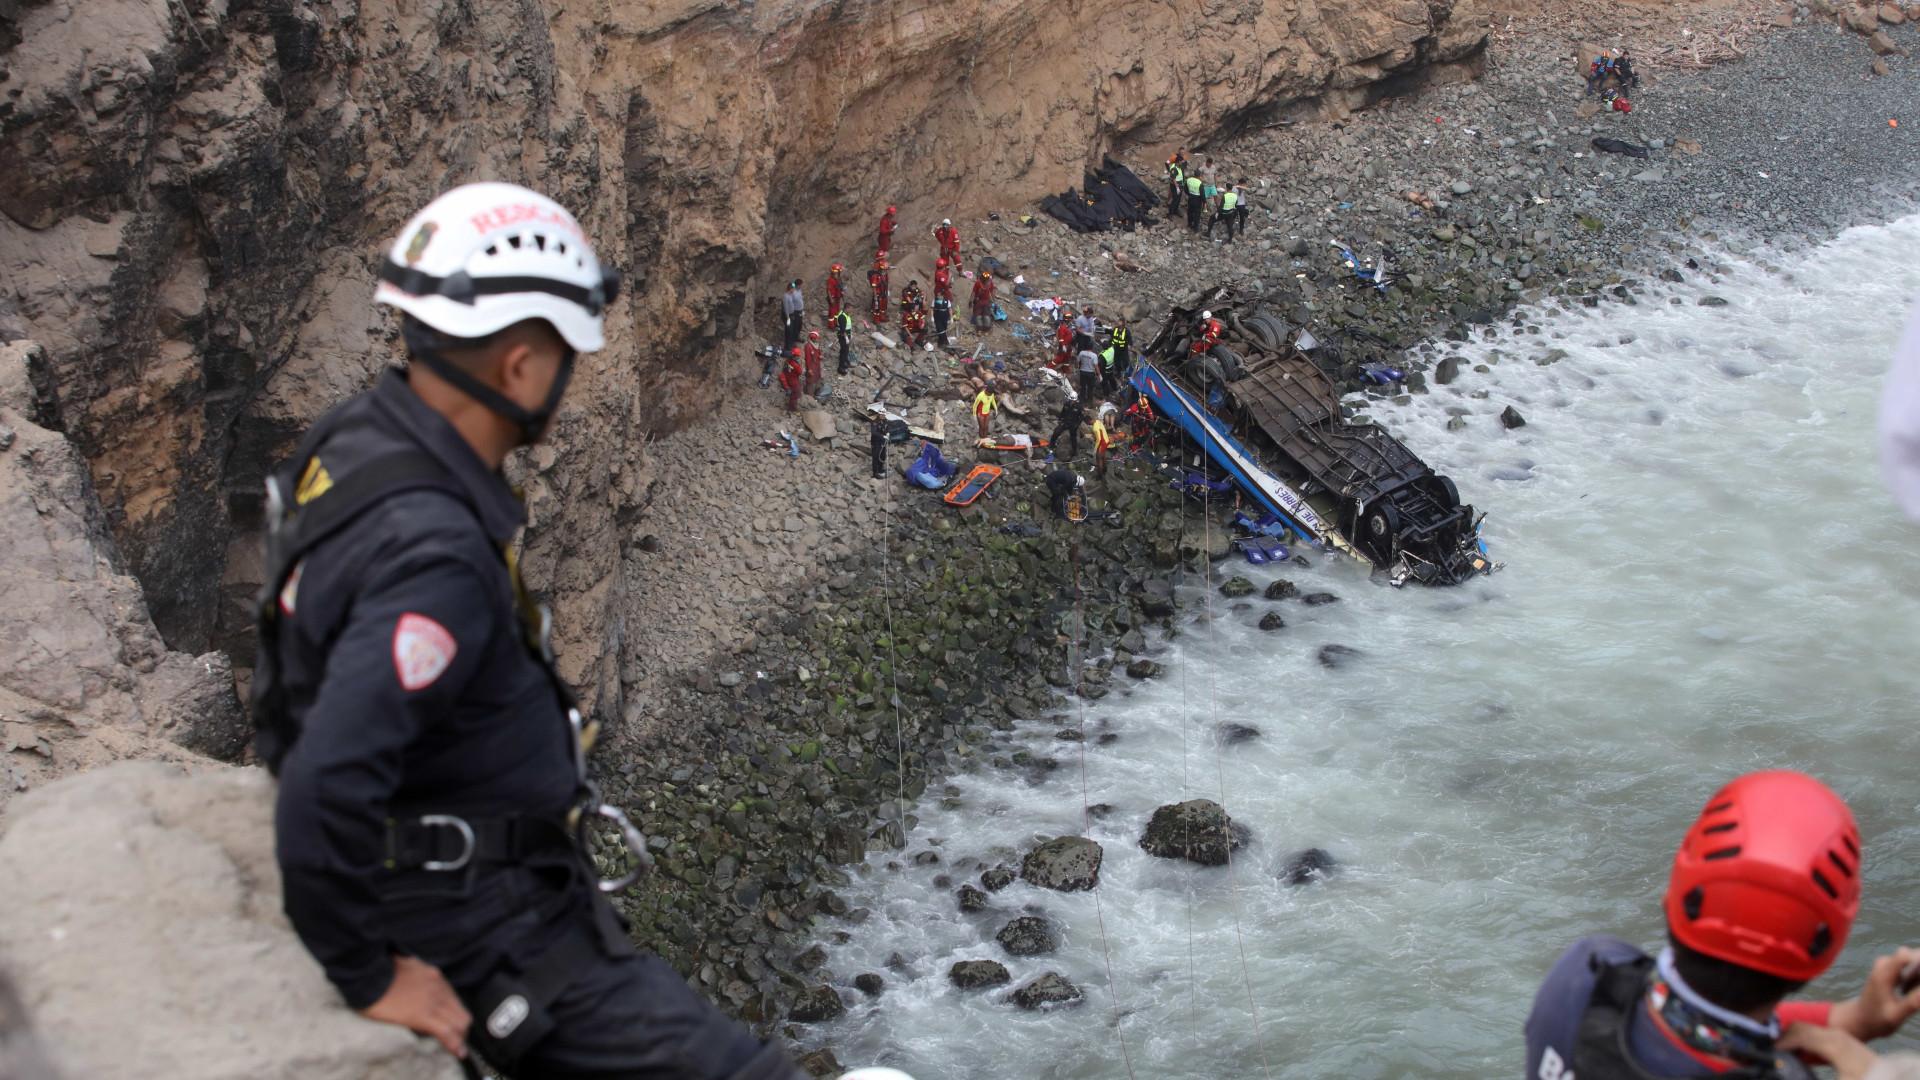 Número de mortos em acidente no Peru sobe para 36